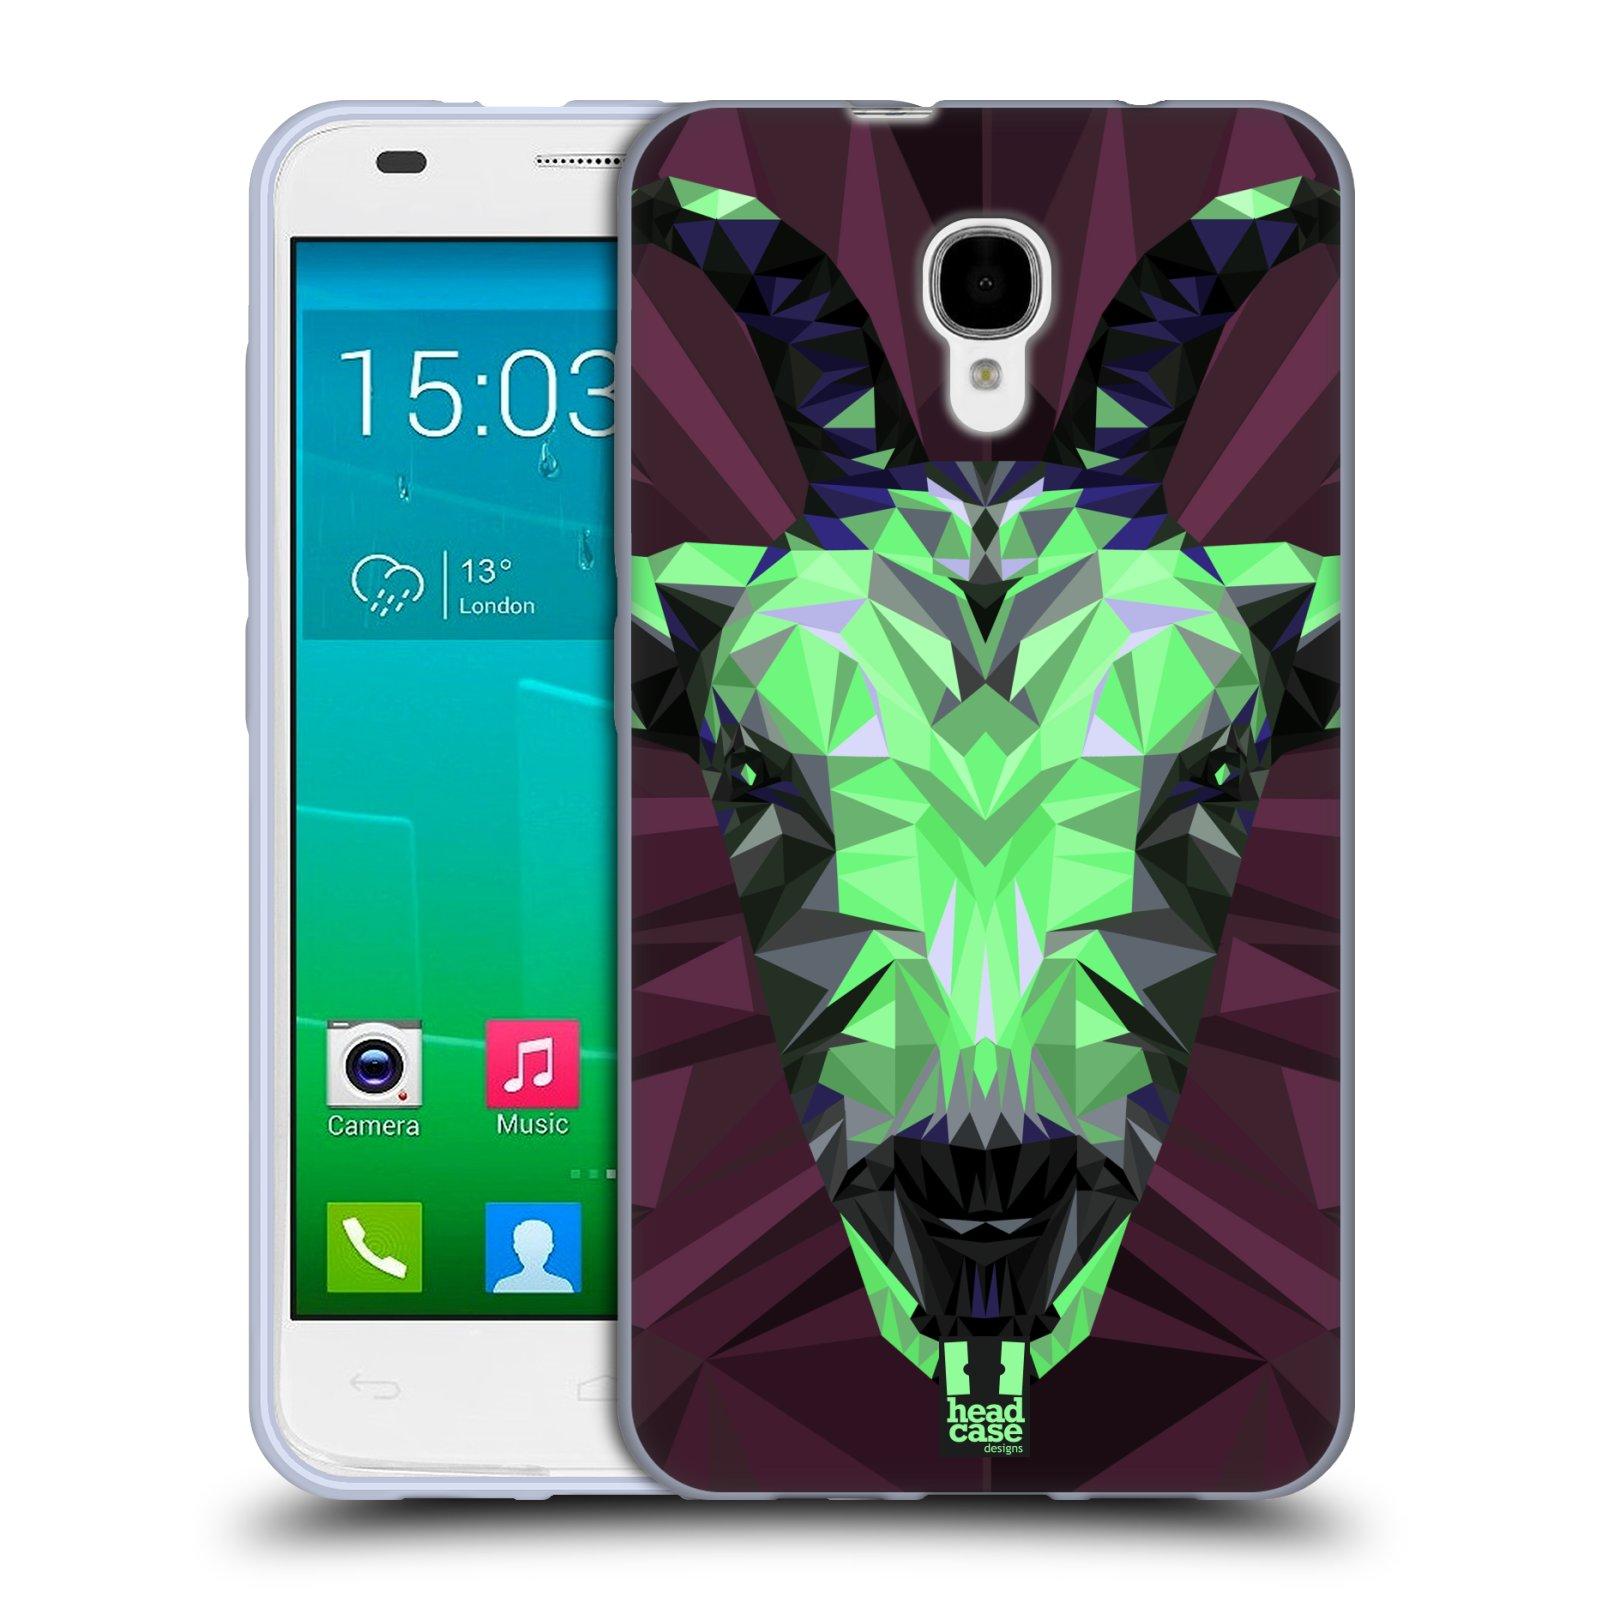 HEAD CASE silikonový obal na mobil Alcatel Idol 2 S OT-6050 vzor Geometrická zvířata 2 kozel